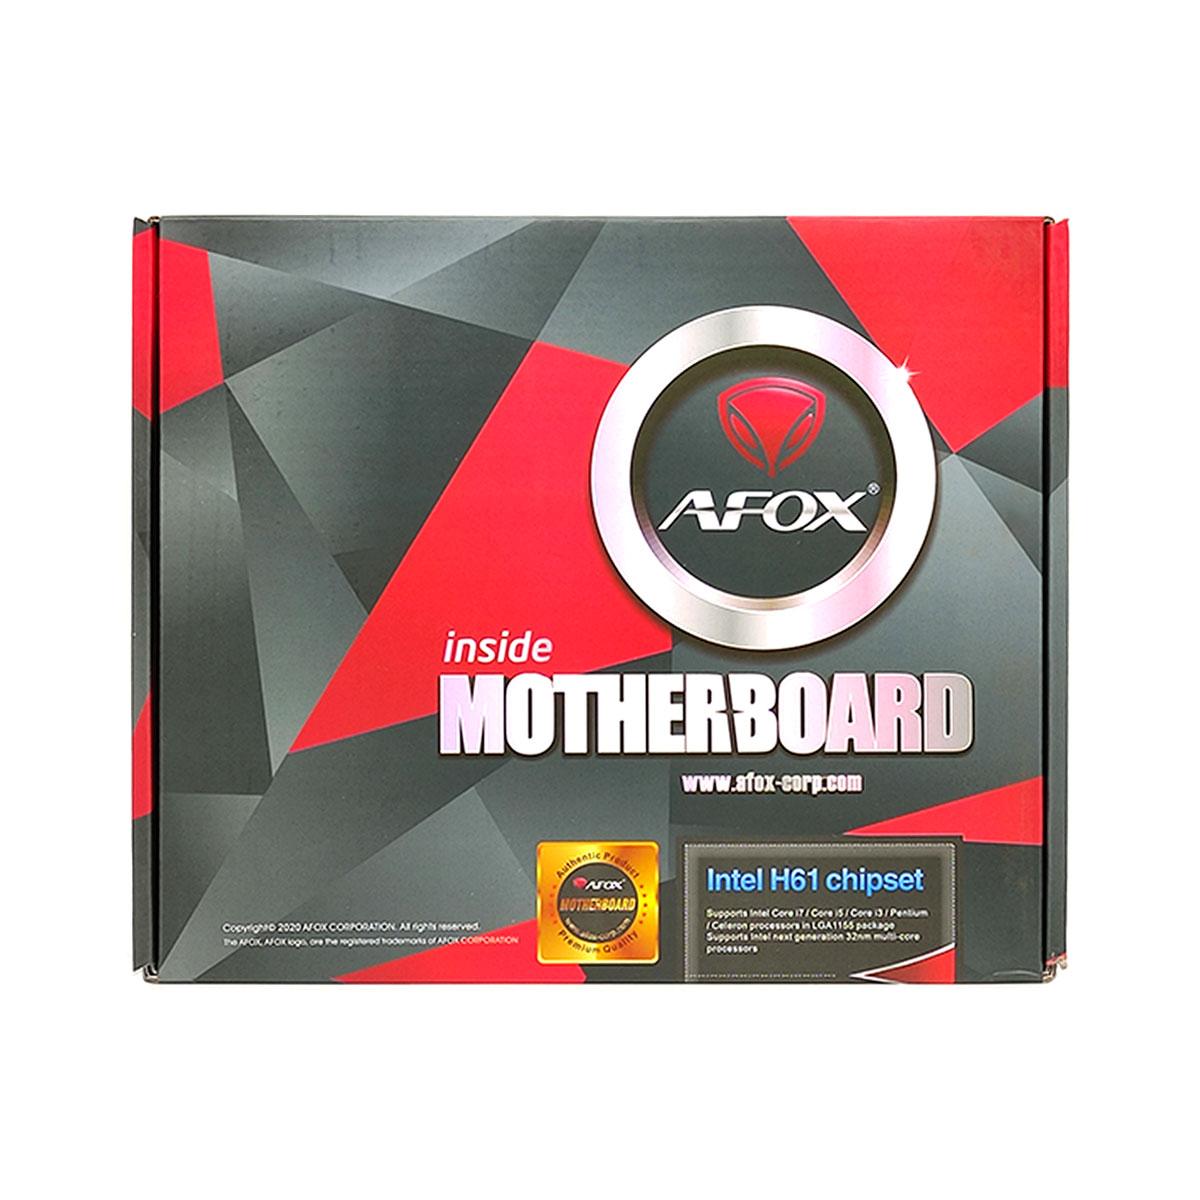 Placa Mãe AFOX IH61-MA5, Intel LGA 1155 (2º Ger e 3º Ger), DDR3